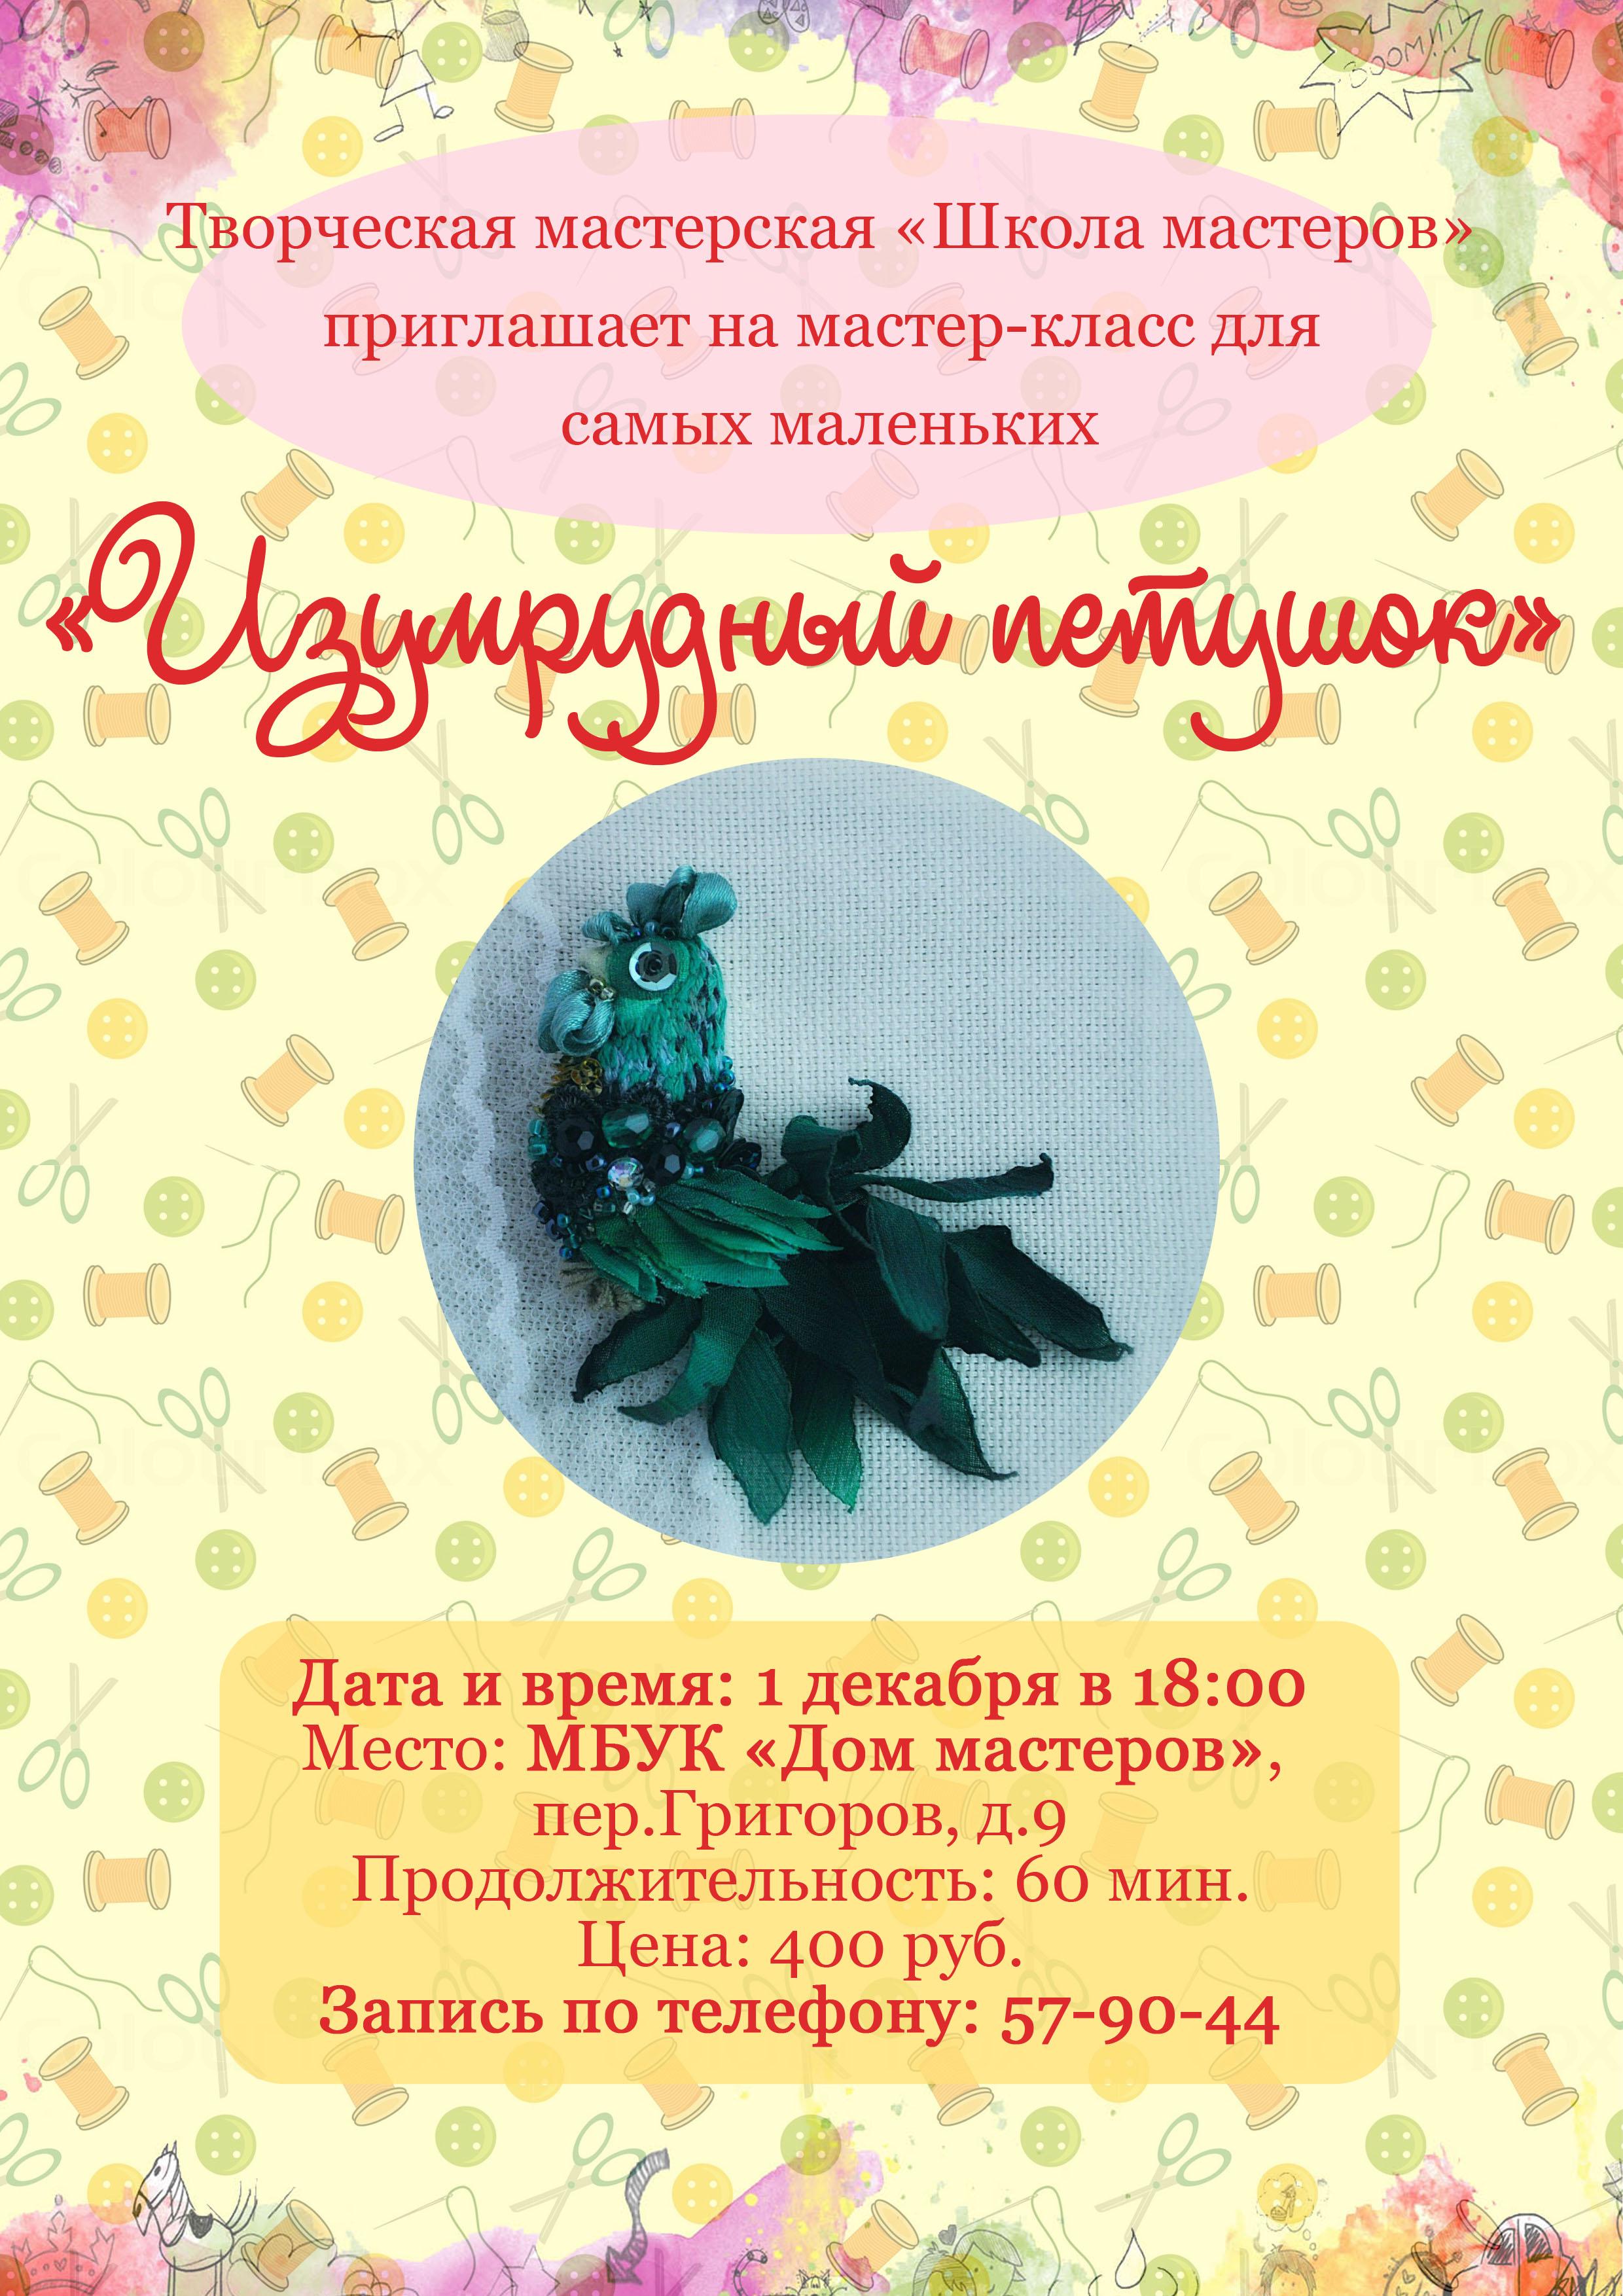 Новогодний мастер-класс «Изумрудный петушок» в Доме мастеров